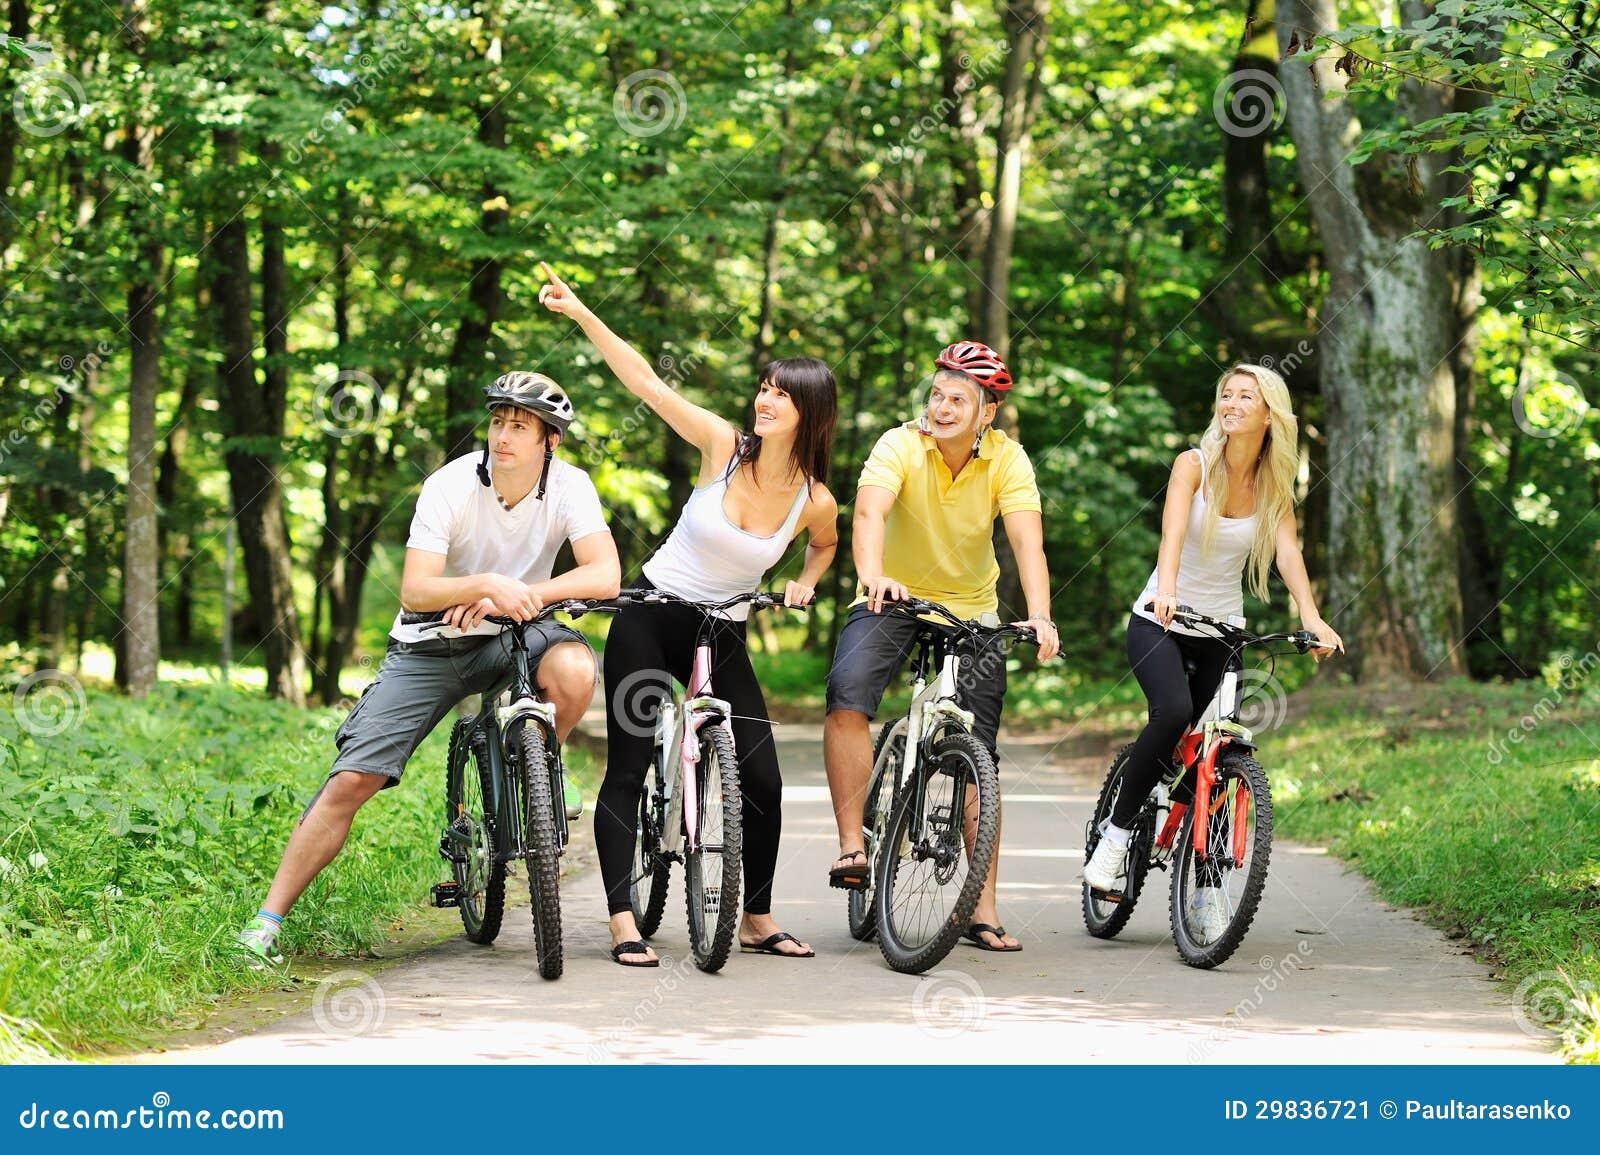 Grupo De Personas En Bicicletas En Un Campo Imagen de ...